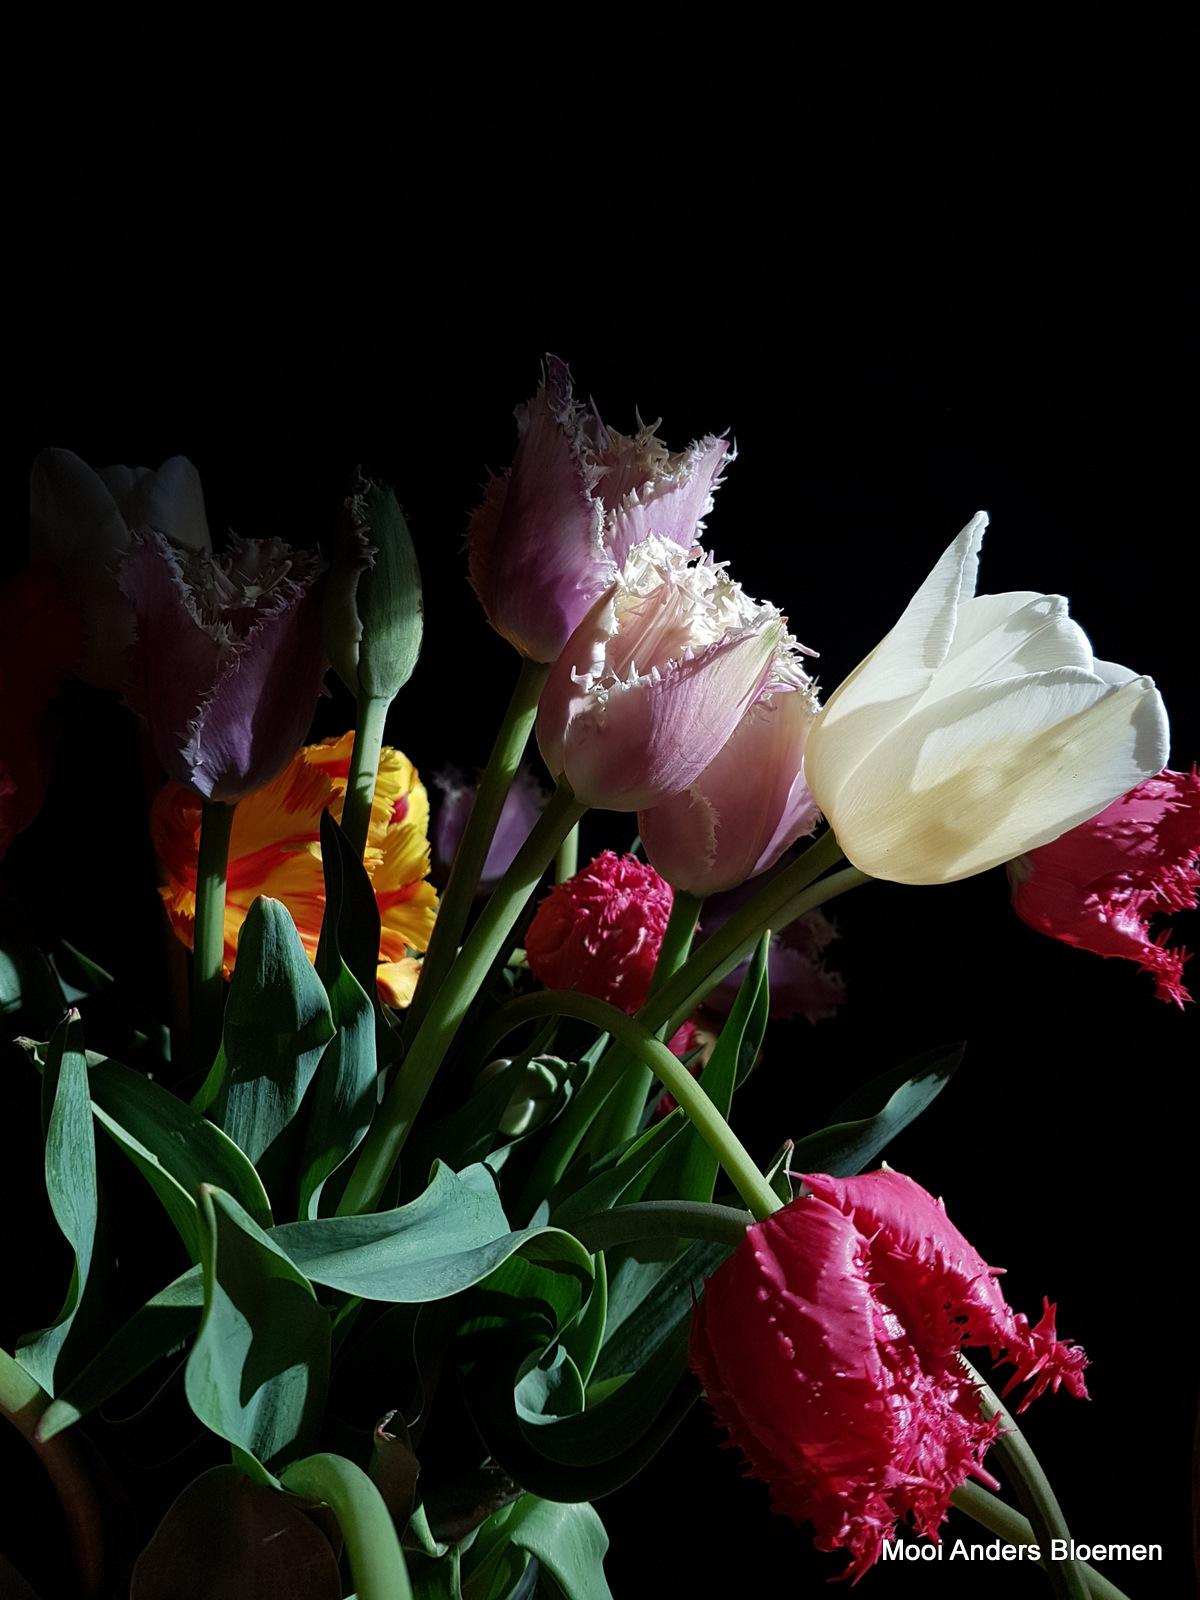 Bloemabonnement: Tulpen en bosbes